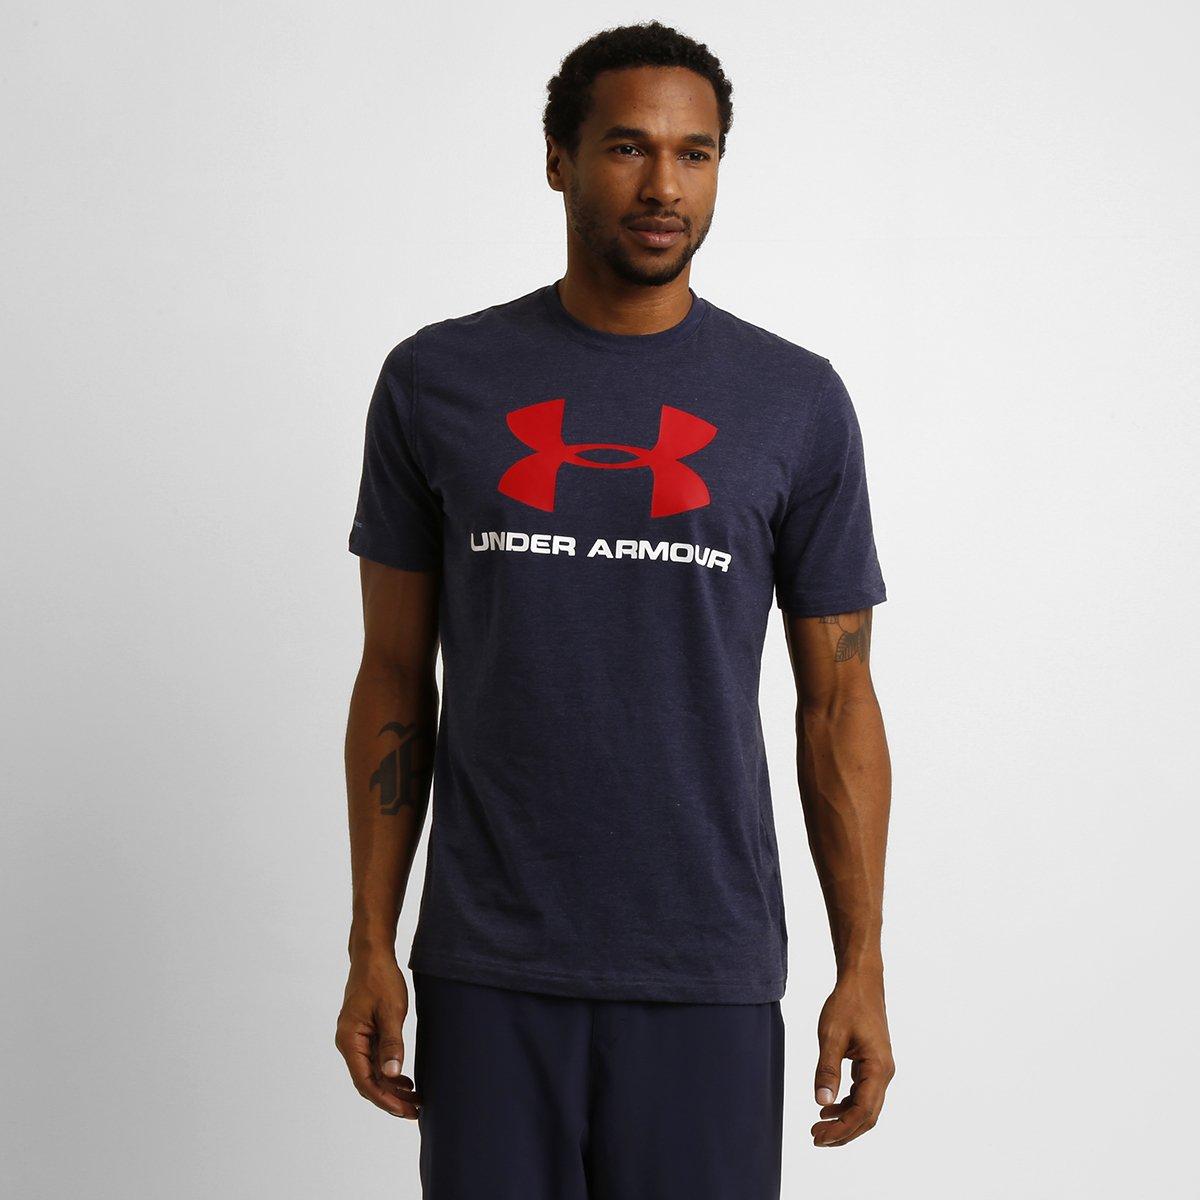 d9a313e728a Camiseta Under Armour Sportstyle Logo Masculina - Compre Agora ...